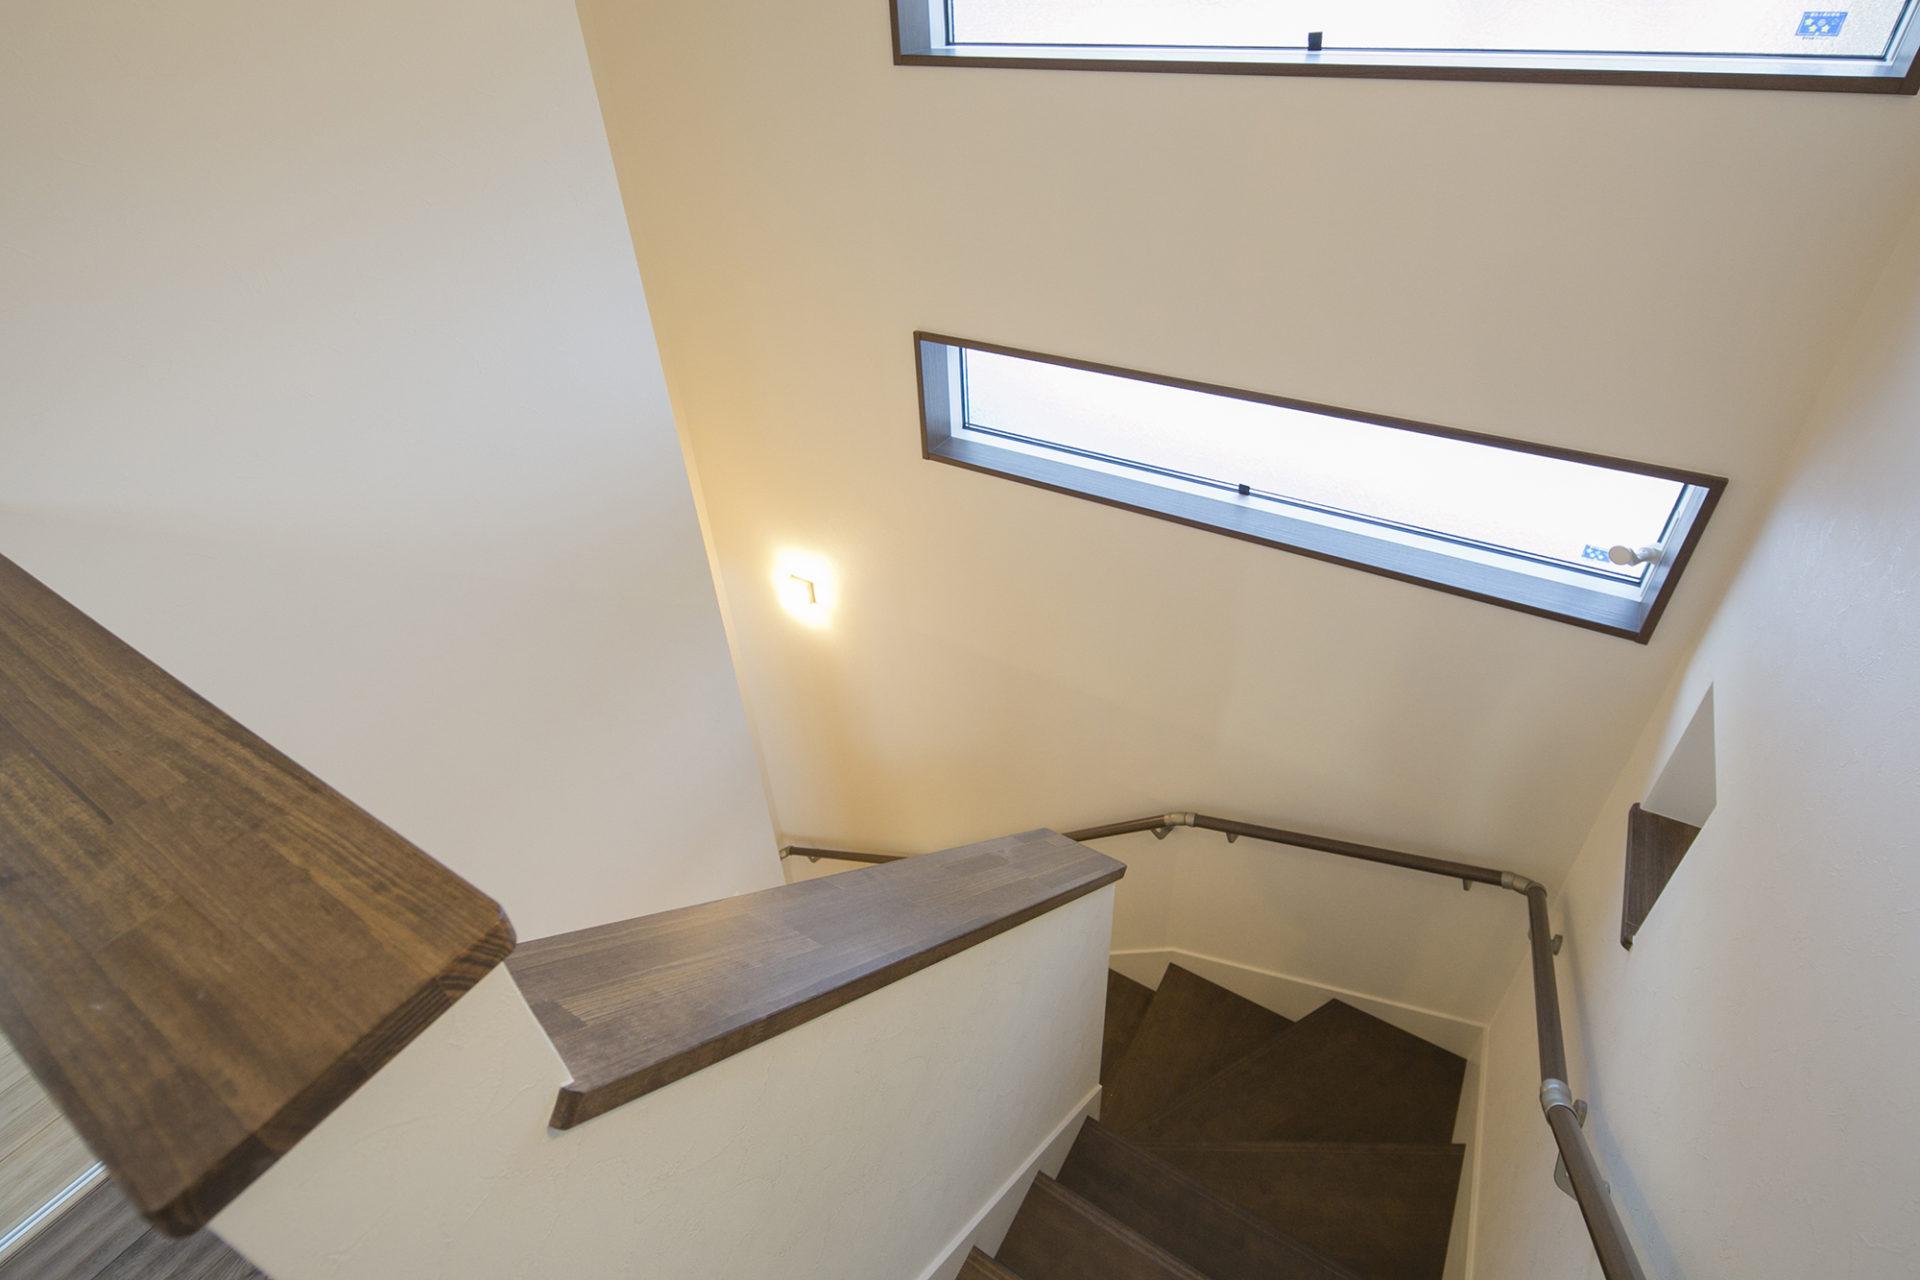 落ち着いた空間と藤色のキッチンが優しい時間を刻む家7